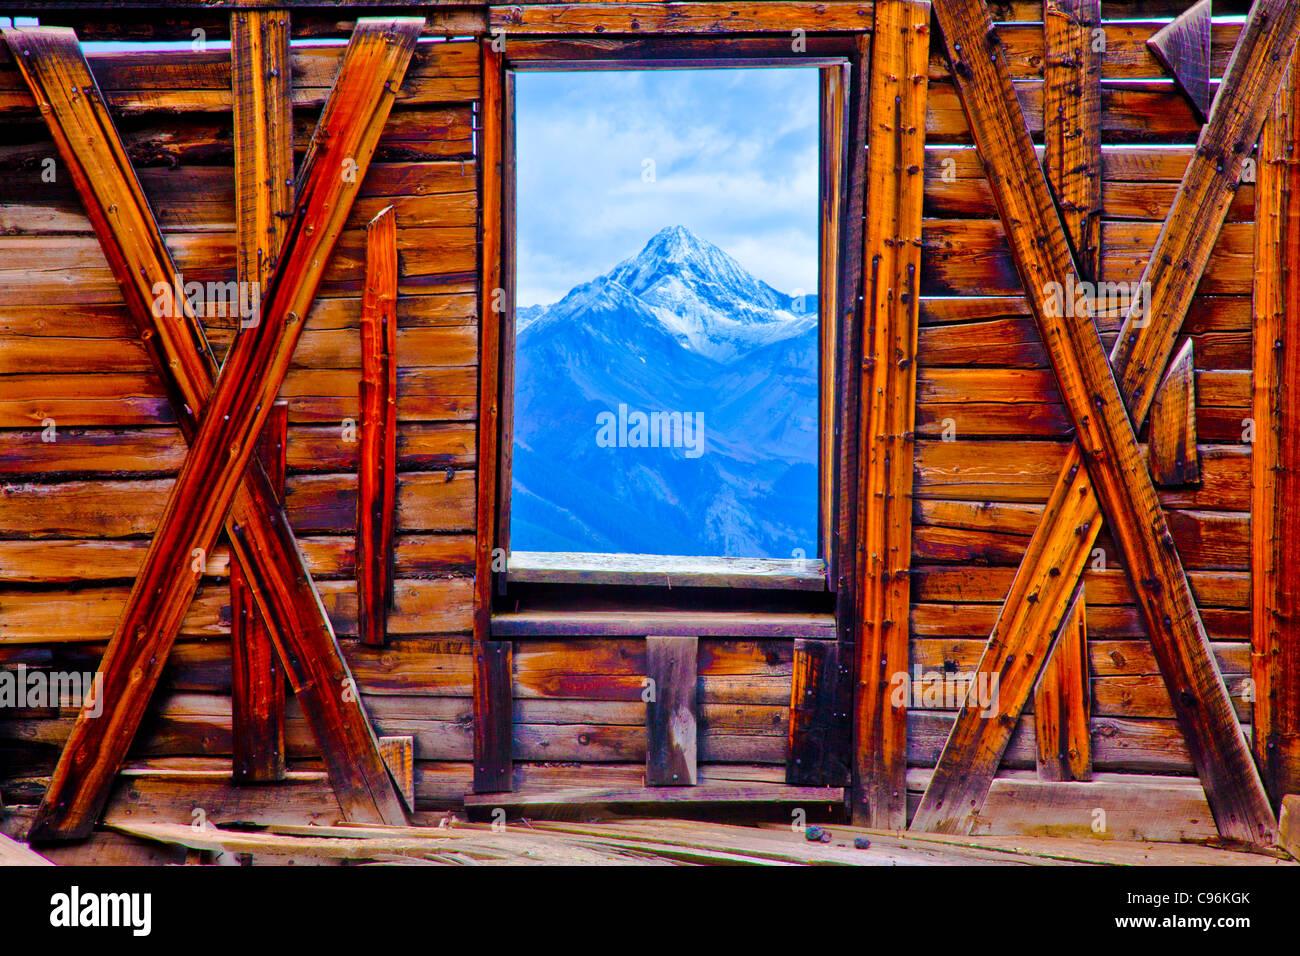 Wilson pic constaté à travers la fenêtre de la ville fantôme, Alta Ville Fantôme, Colorado, Photo Stock